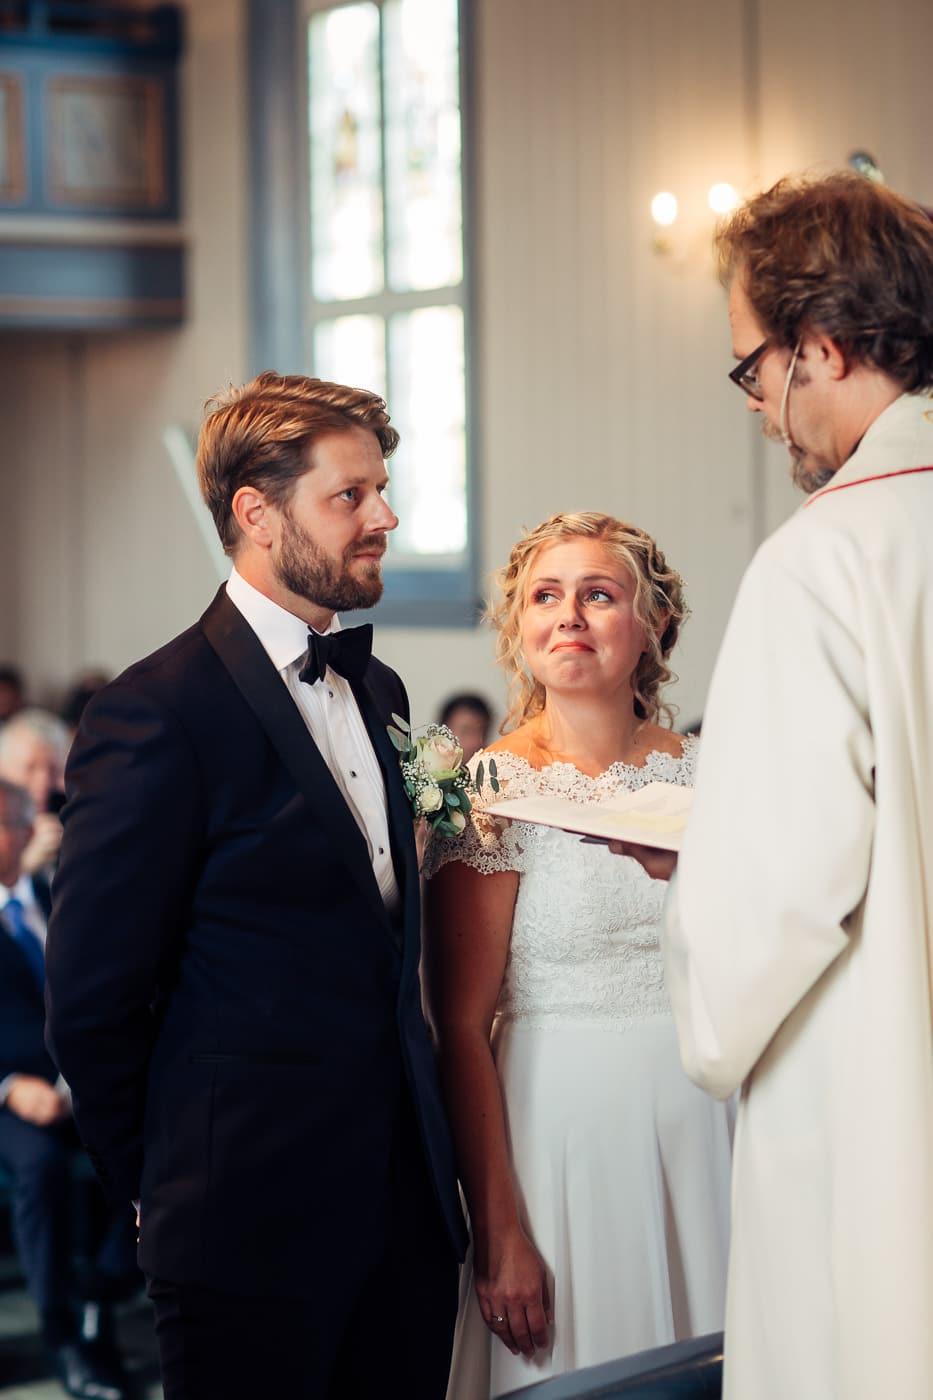 Linn & Frank - rørende og vakkert låvebryllup i Minnesund Bryllupsbilder Minnesund Eidsvoll 25 Brudepar